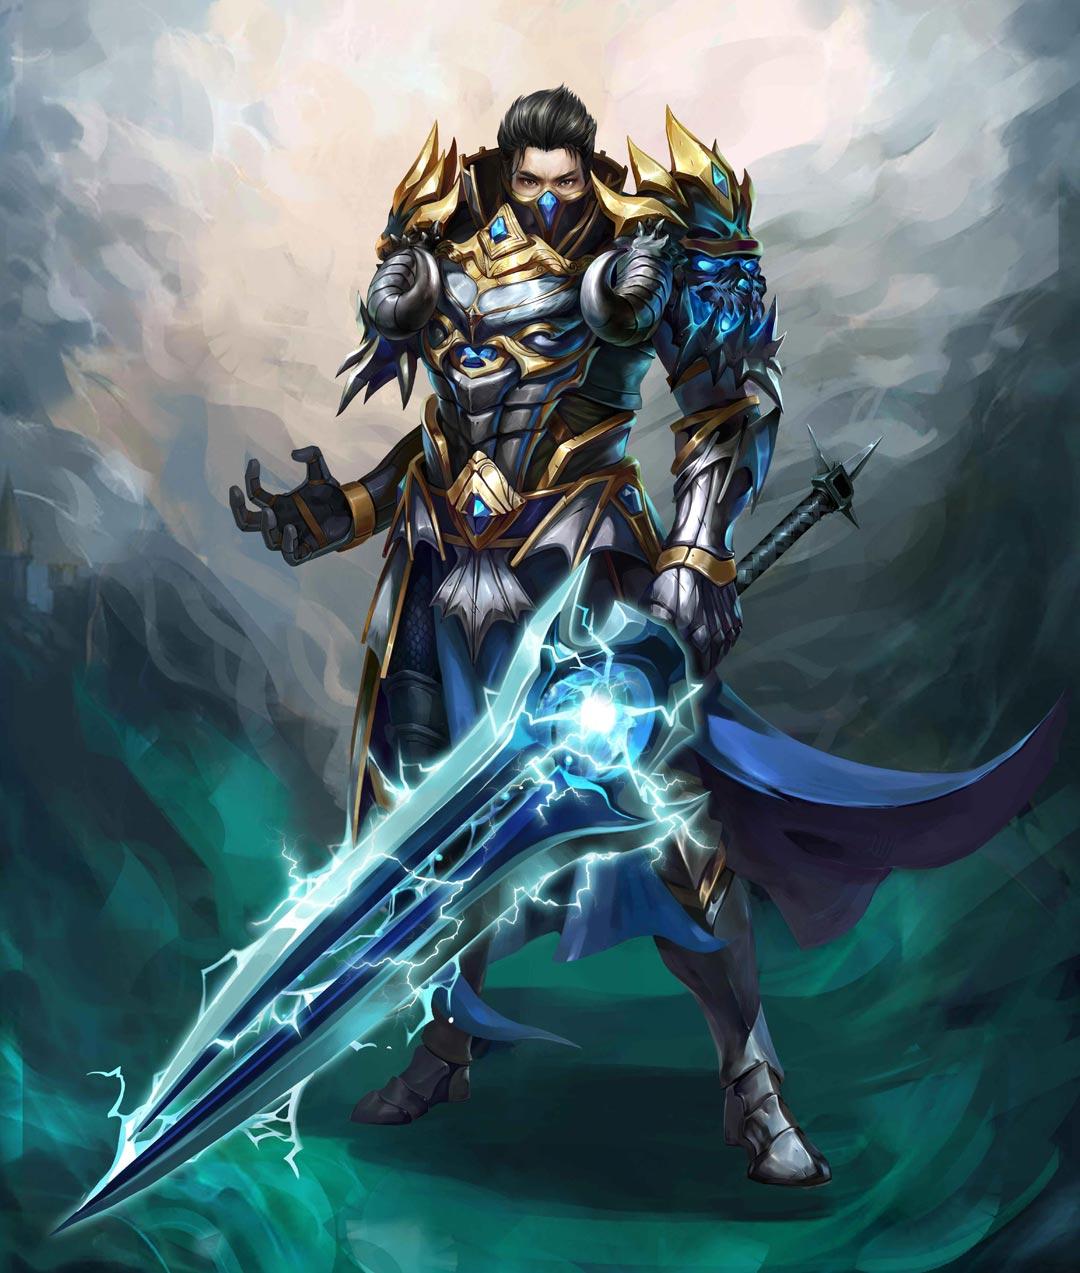 《冰火之剑》游戏职业原画欣赏